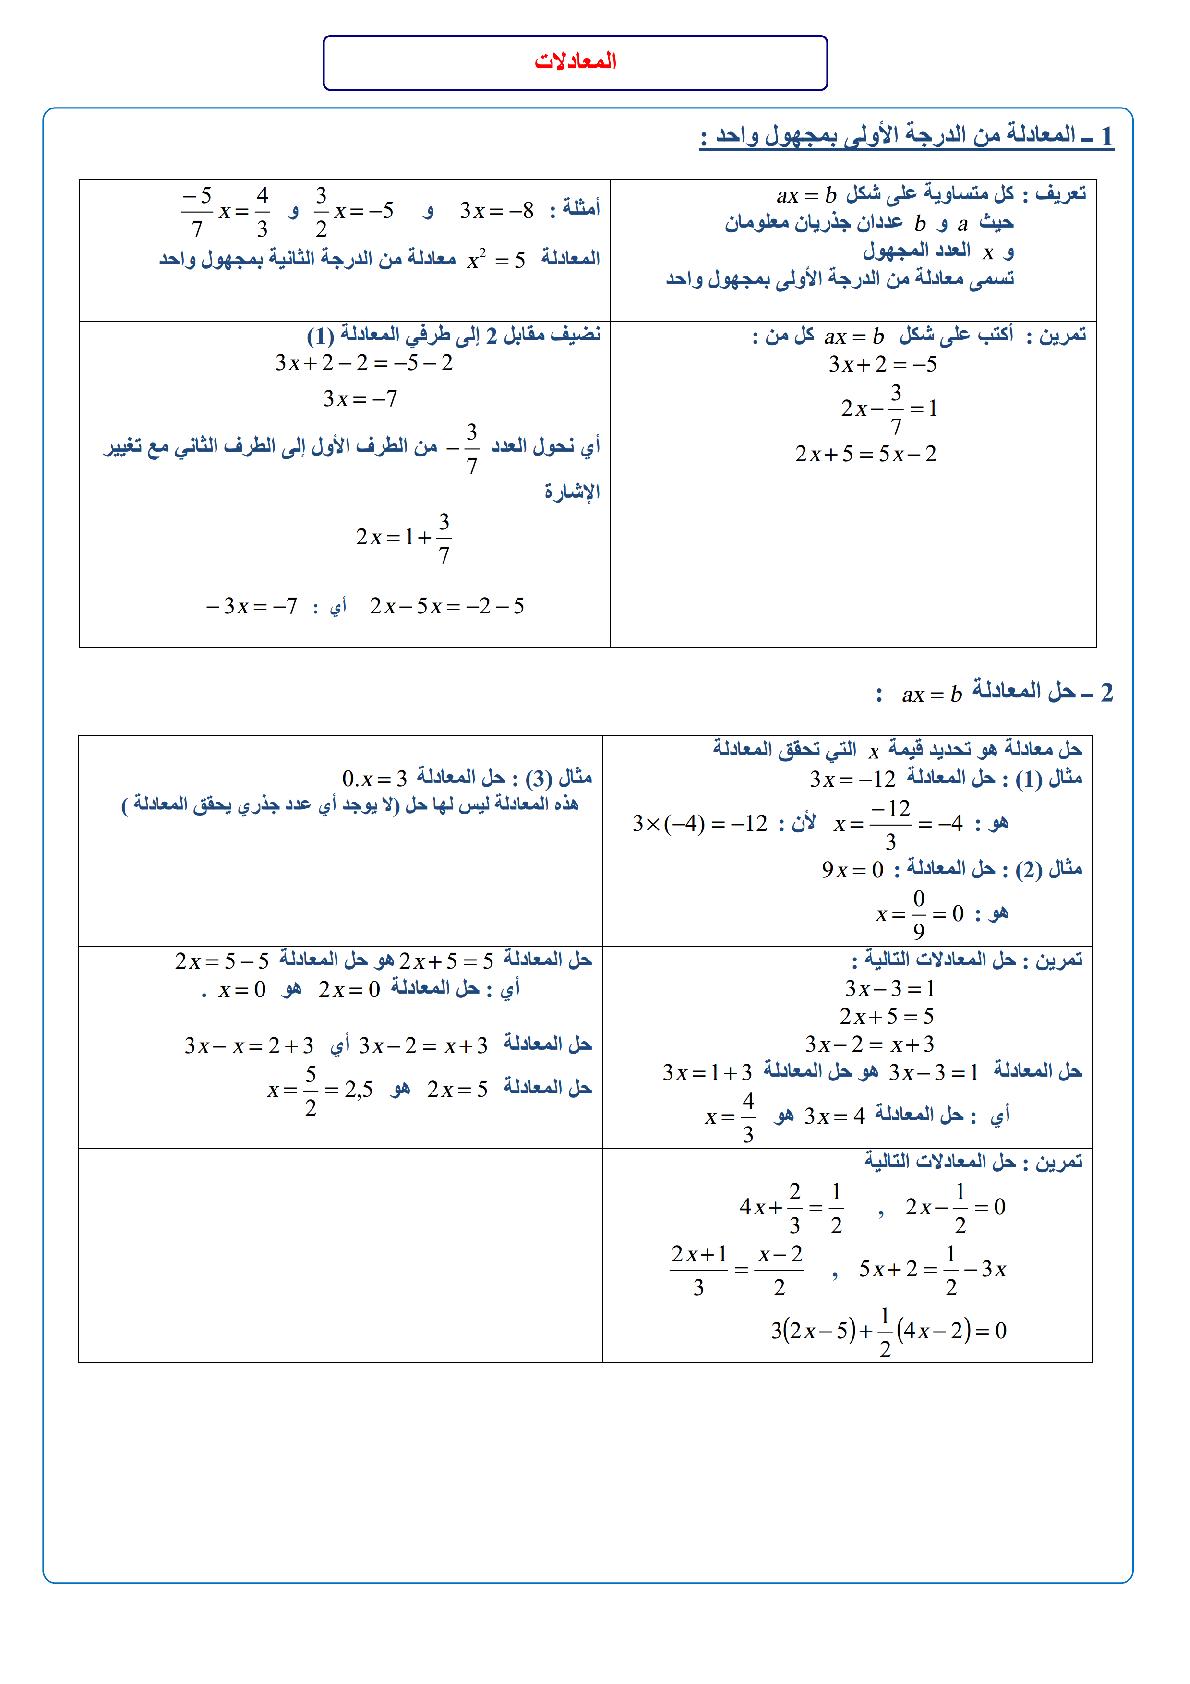 درس المعادلات للسنة الثانية اعدادي مادة الرياضيات